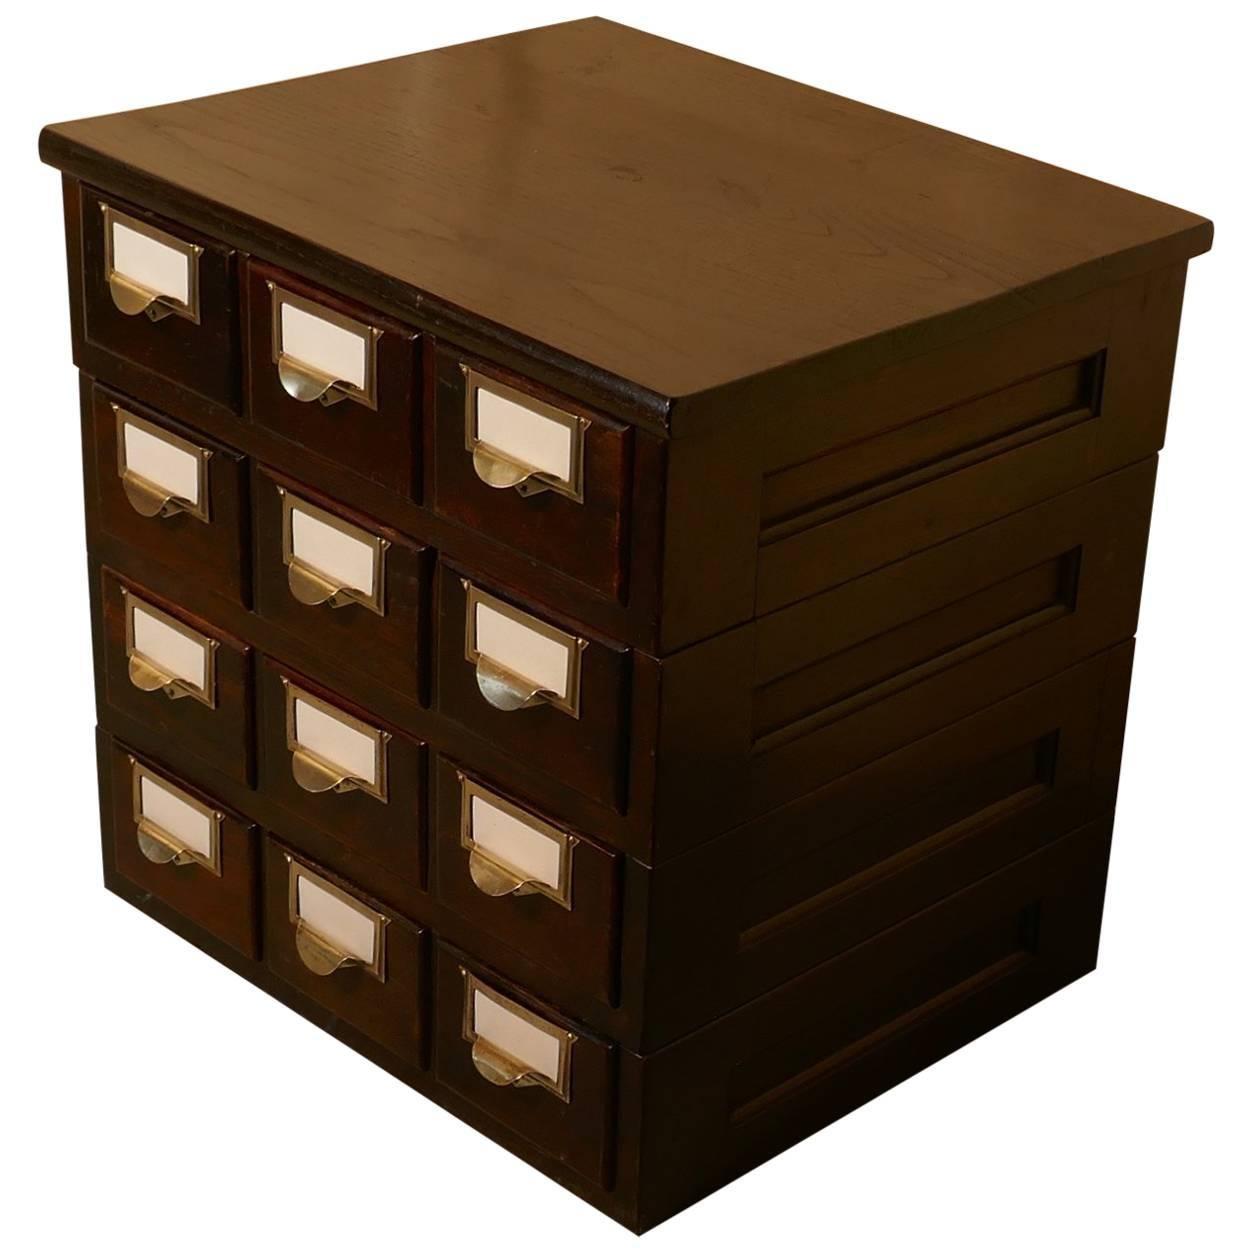 12 Drawer Oak Card Index Filing Cabinet, Wine Rack